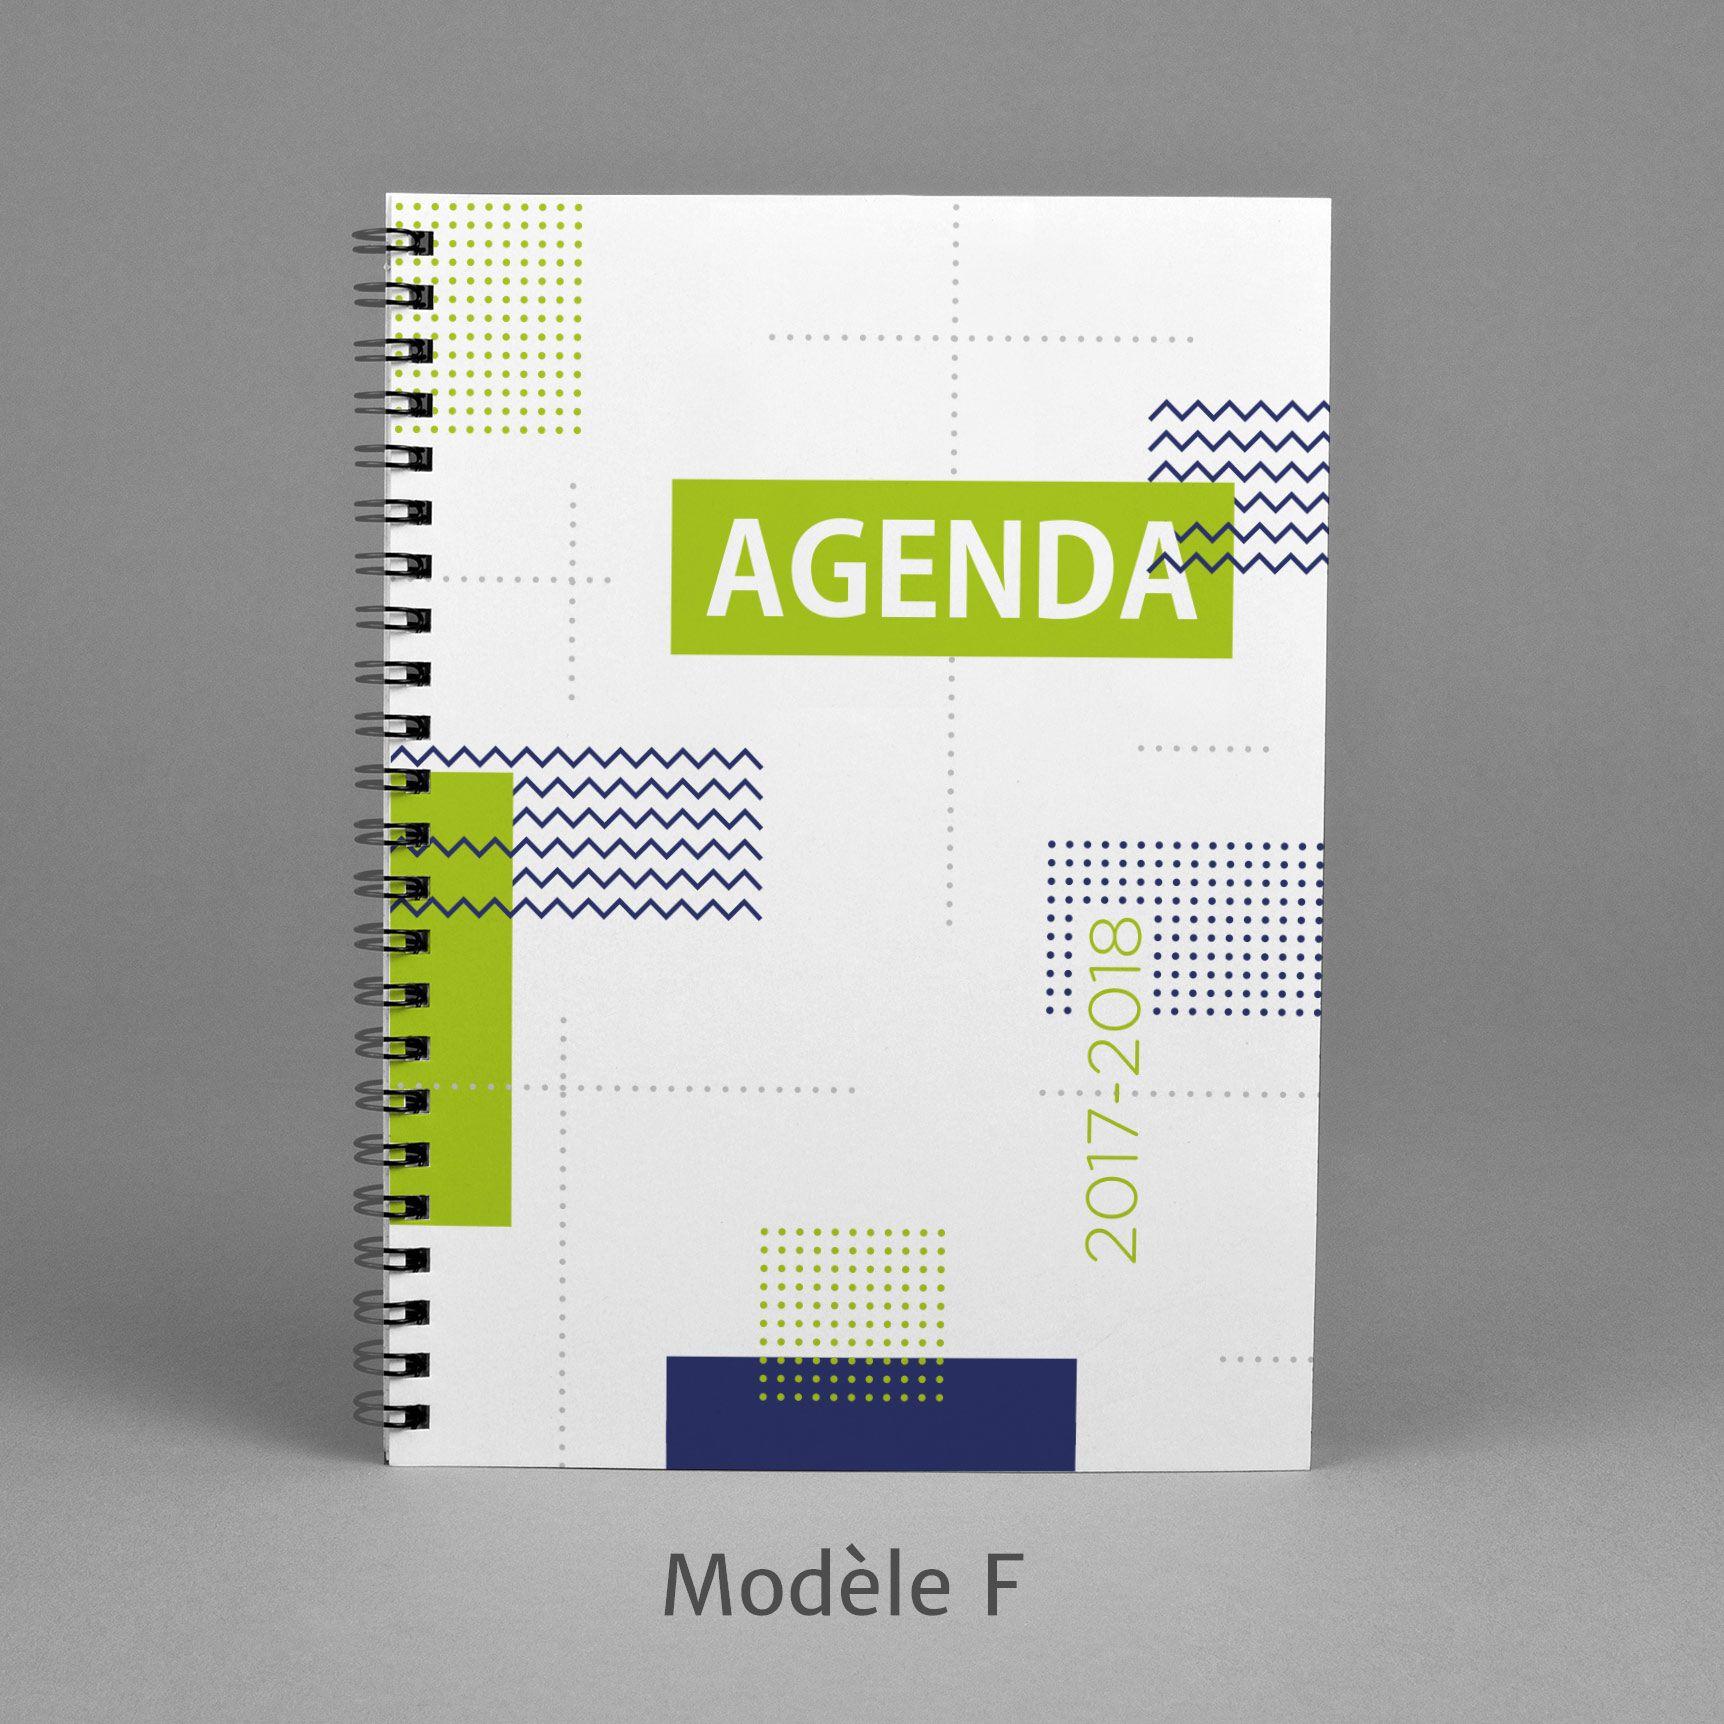 Agenda 2017 2018 Modele F 40 Geometric Green White And Blue